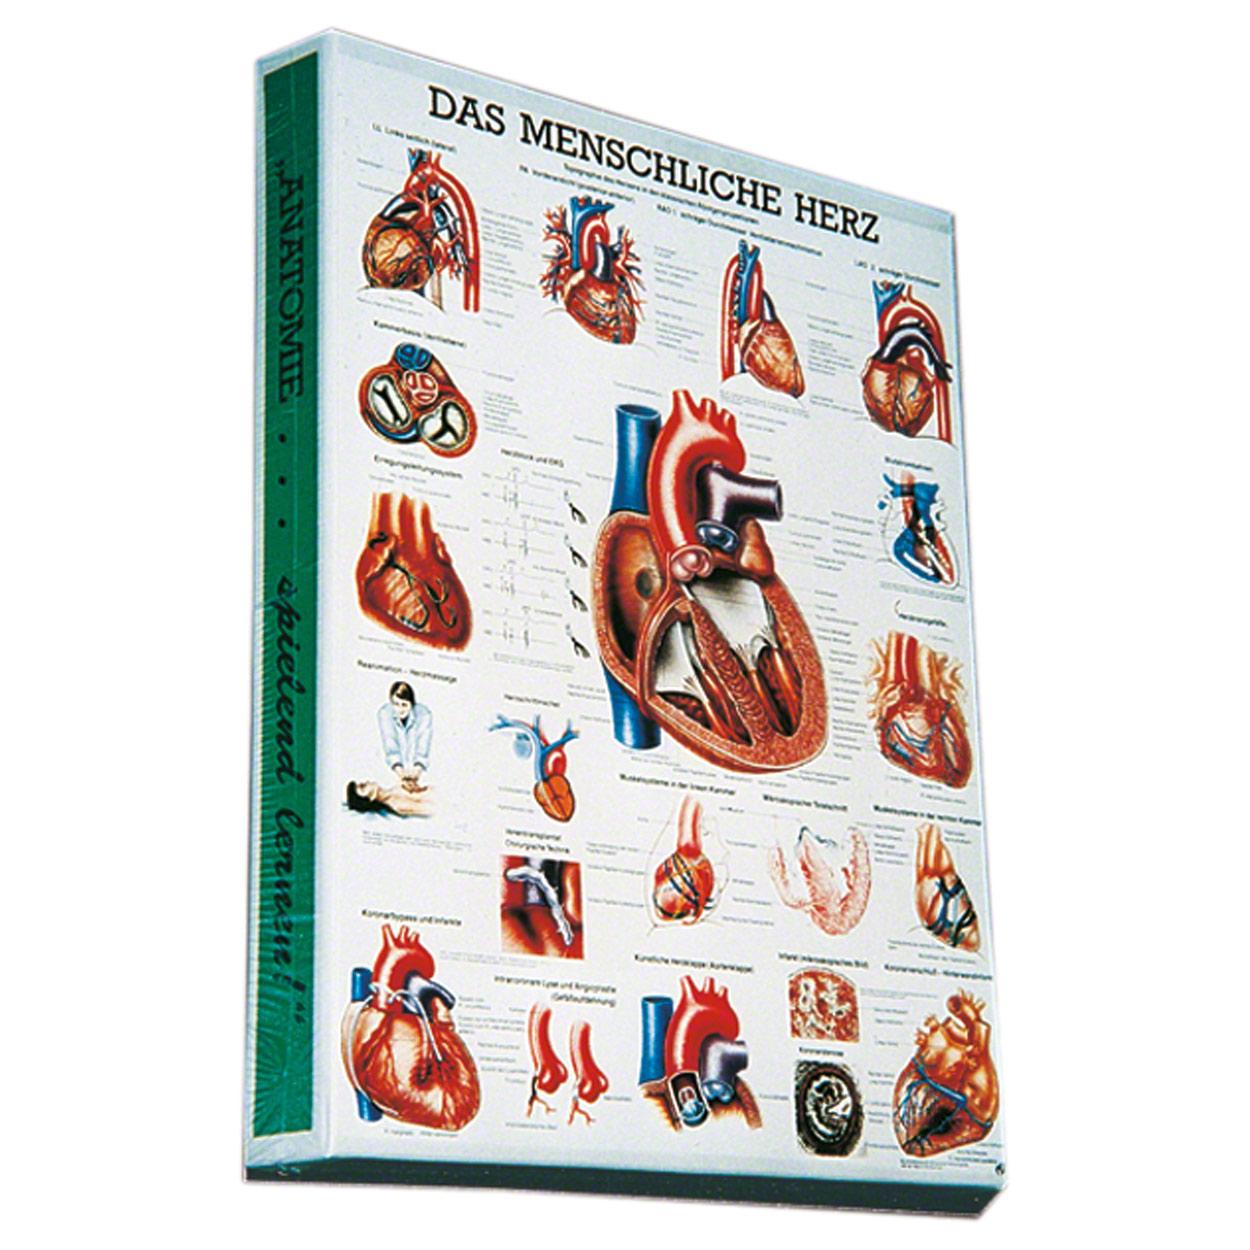 Puzzle Herz, 50x37 cm, 500 Teile - Sport-Tec.de: Anatomische Puzzle Shop